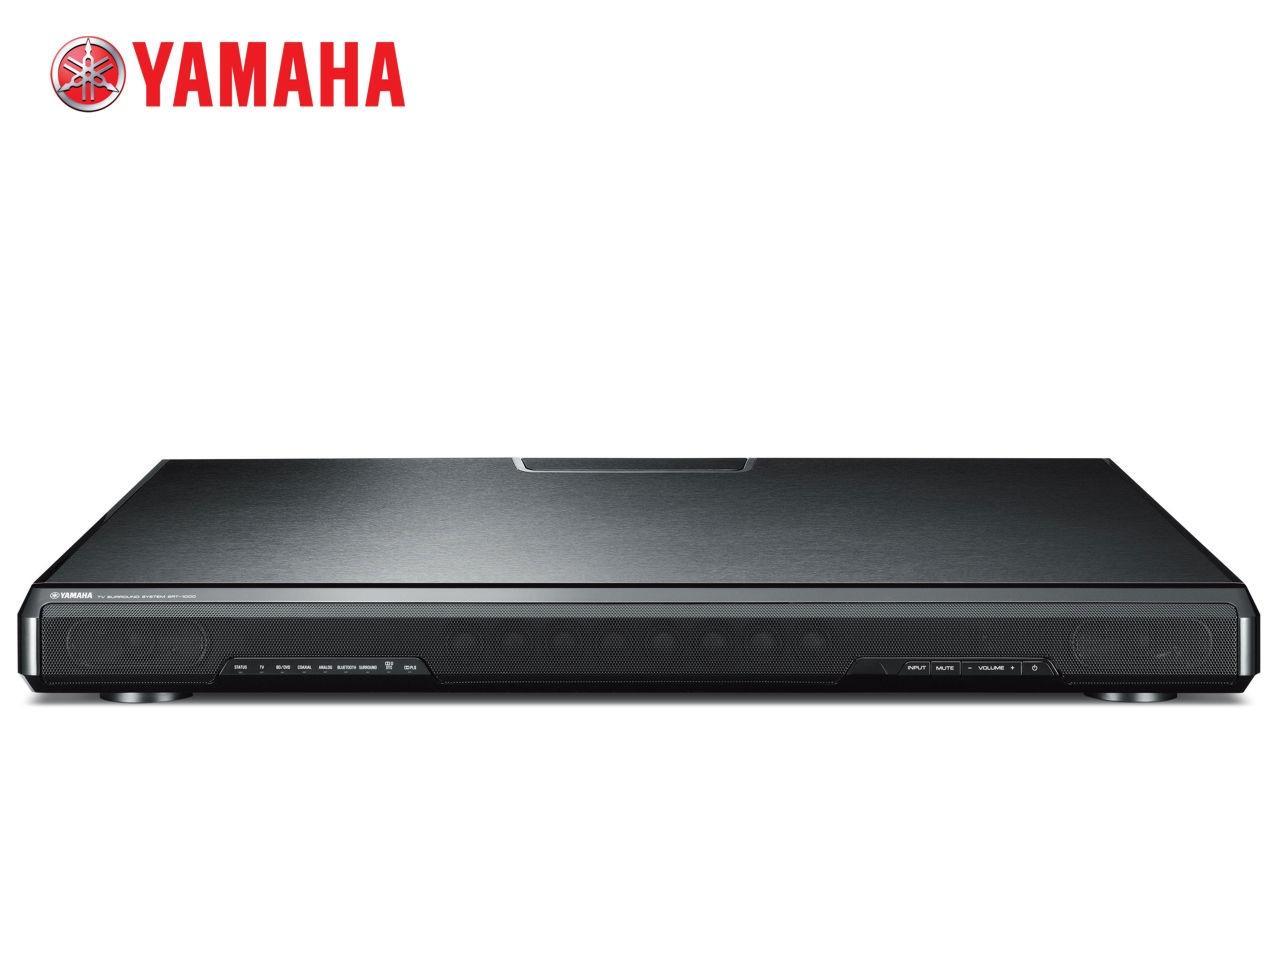 YAMAHA SRT-1000 + 500 Kč na dárky nebo další nákup | CHAT on-line podpora PO-PÁ 8-22.00!!